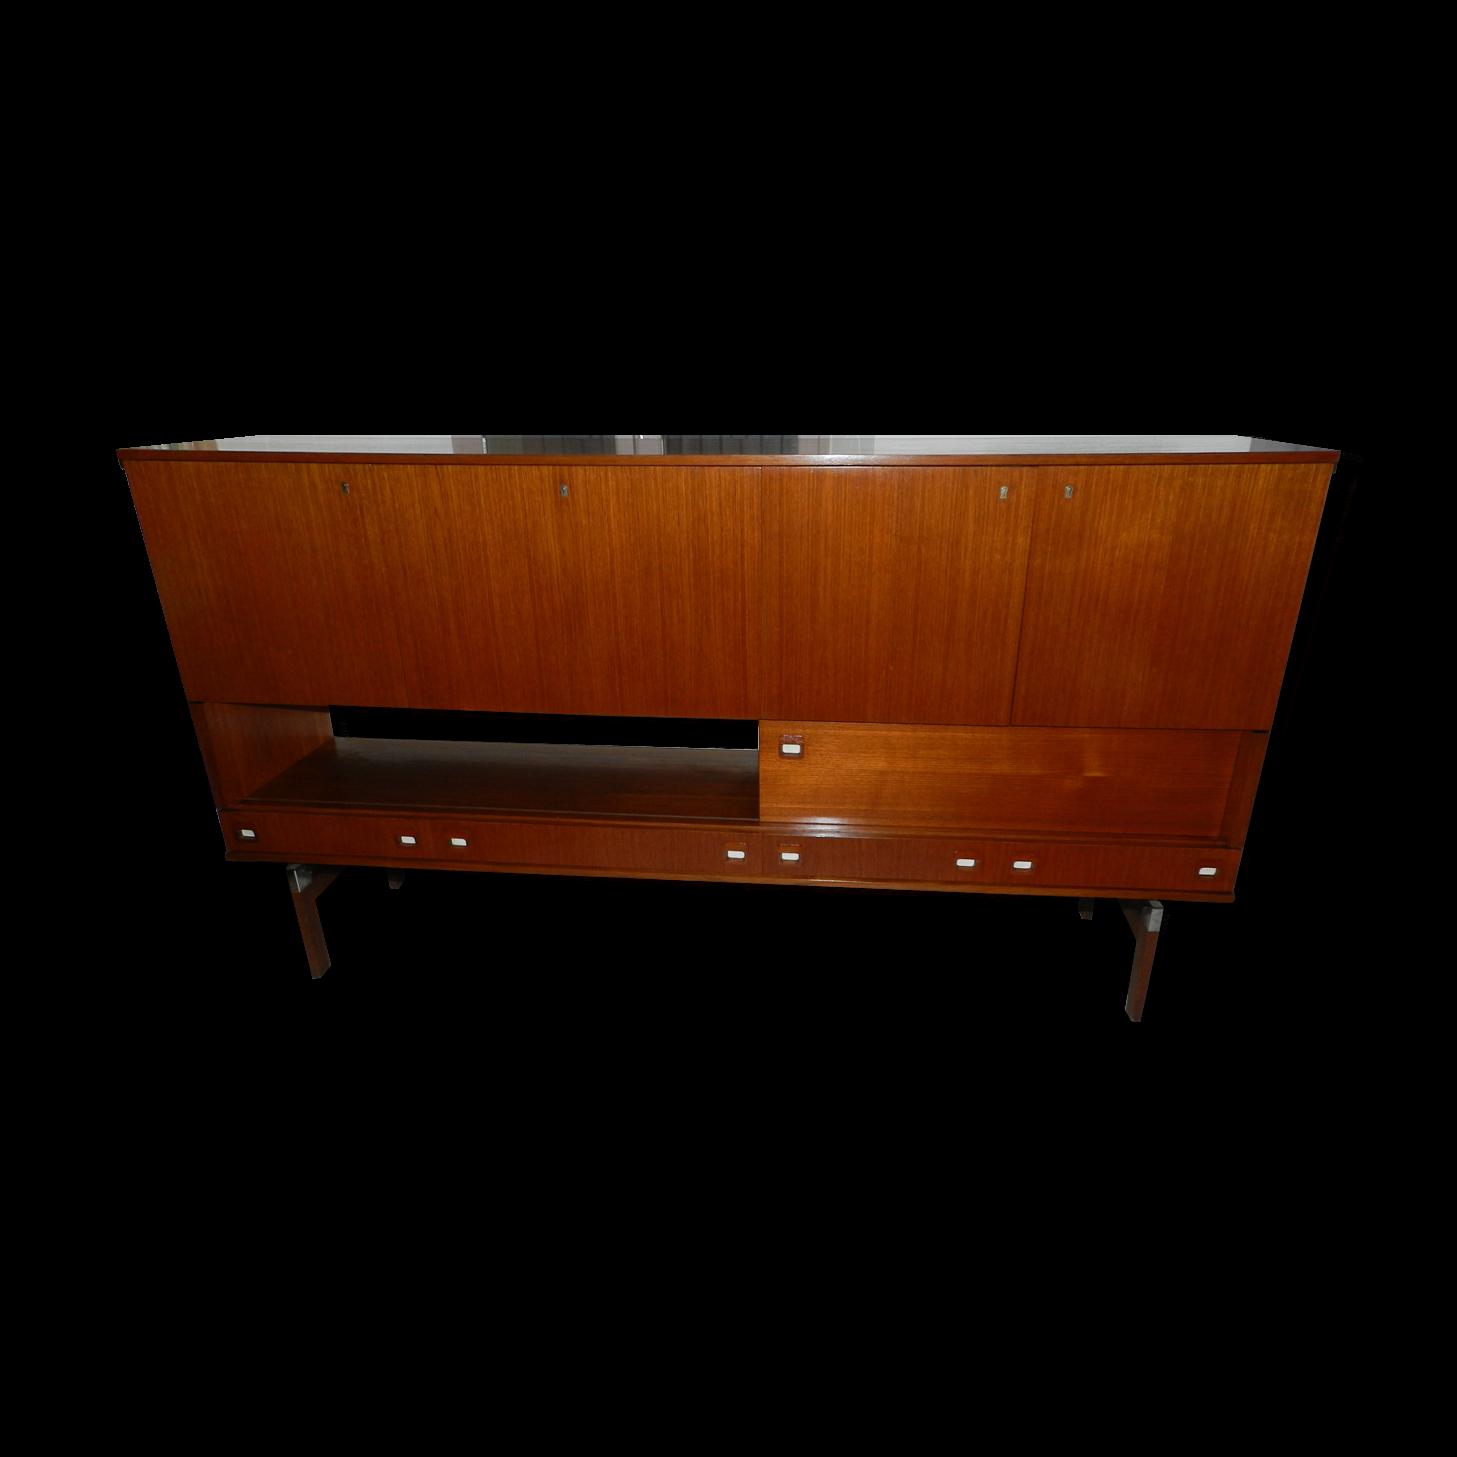 enfilade scandinave pas cher best dco meubles enfilade. Black Bedroom Furniture Sets. Home Design Ideas